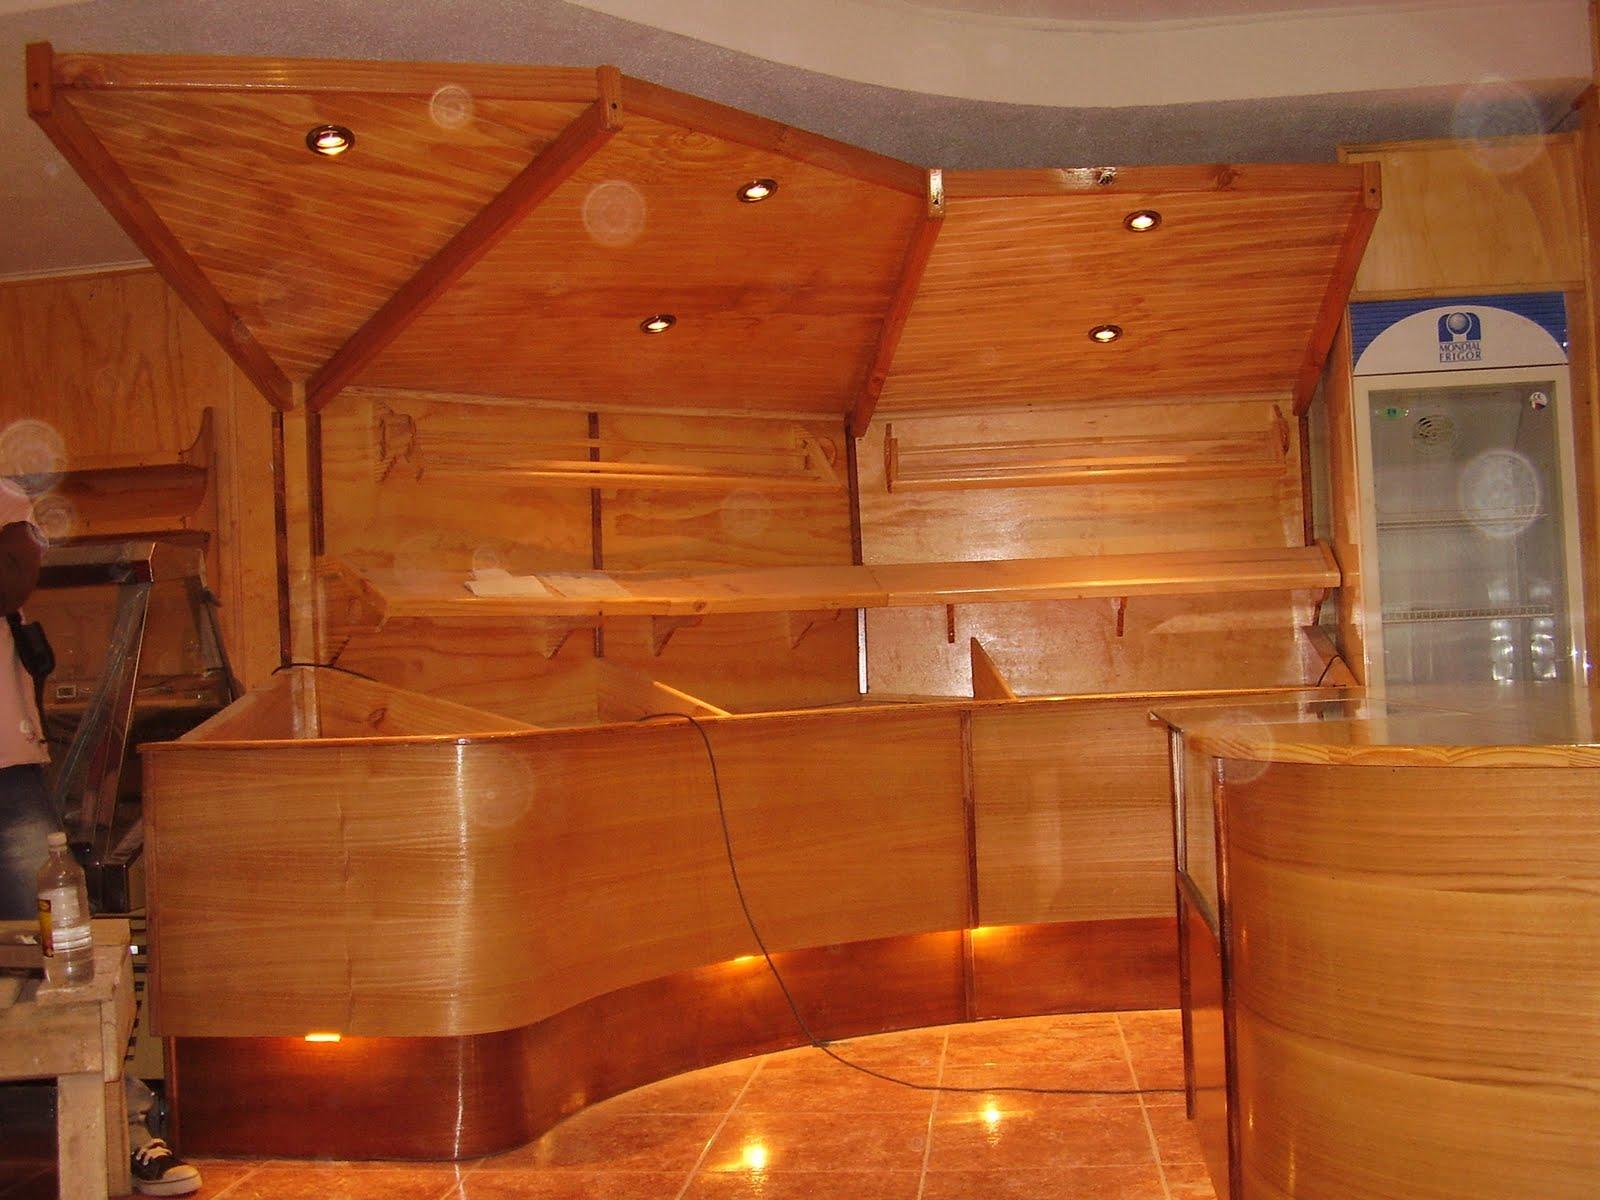 Crea art crea art muebles exclusivos for Crea muebles